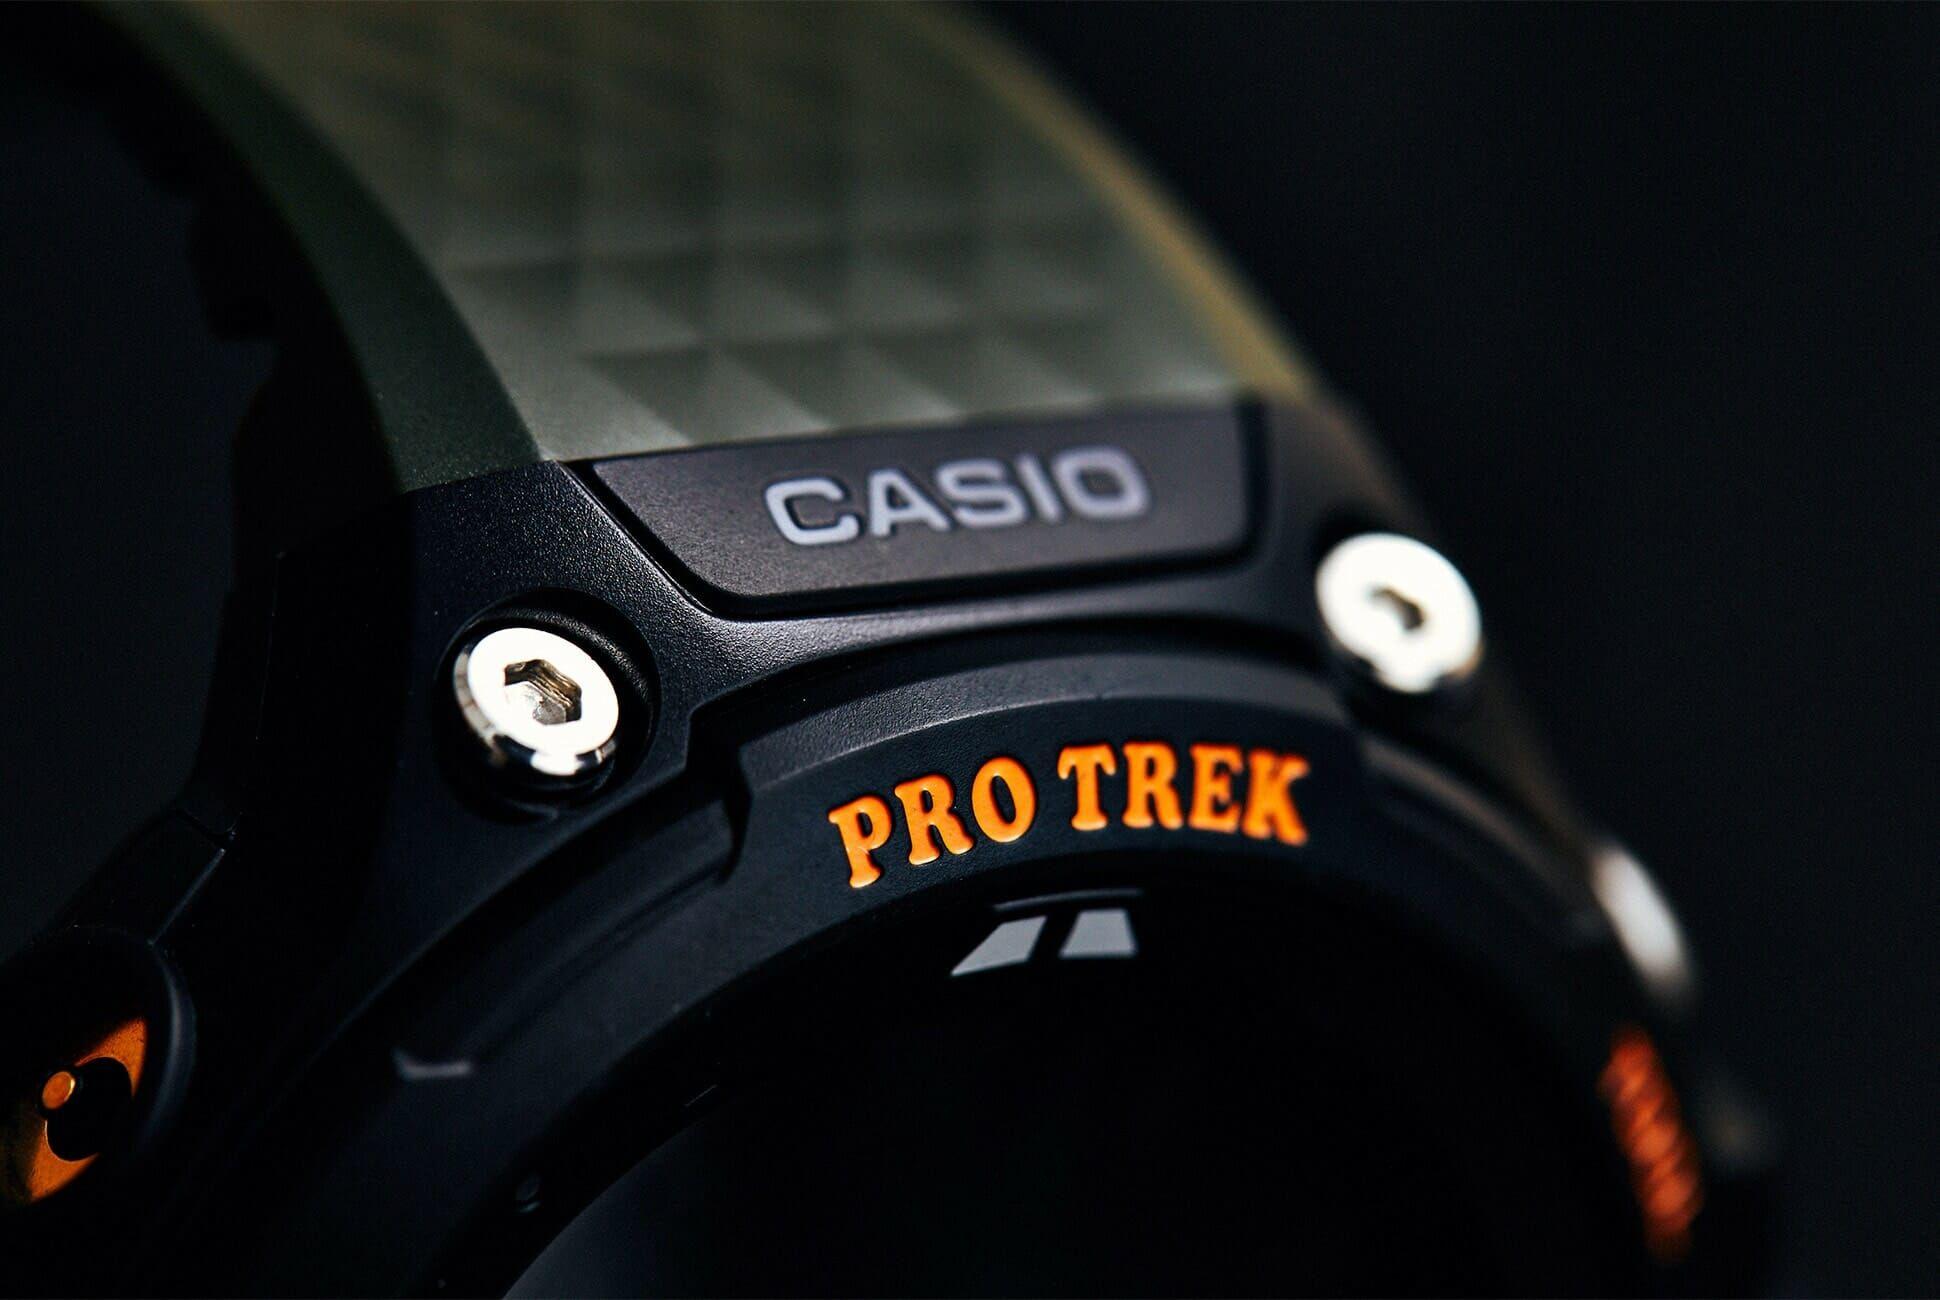 Casio-Pro-Trek-Sponsored-Gear-Patrol-Slide-2